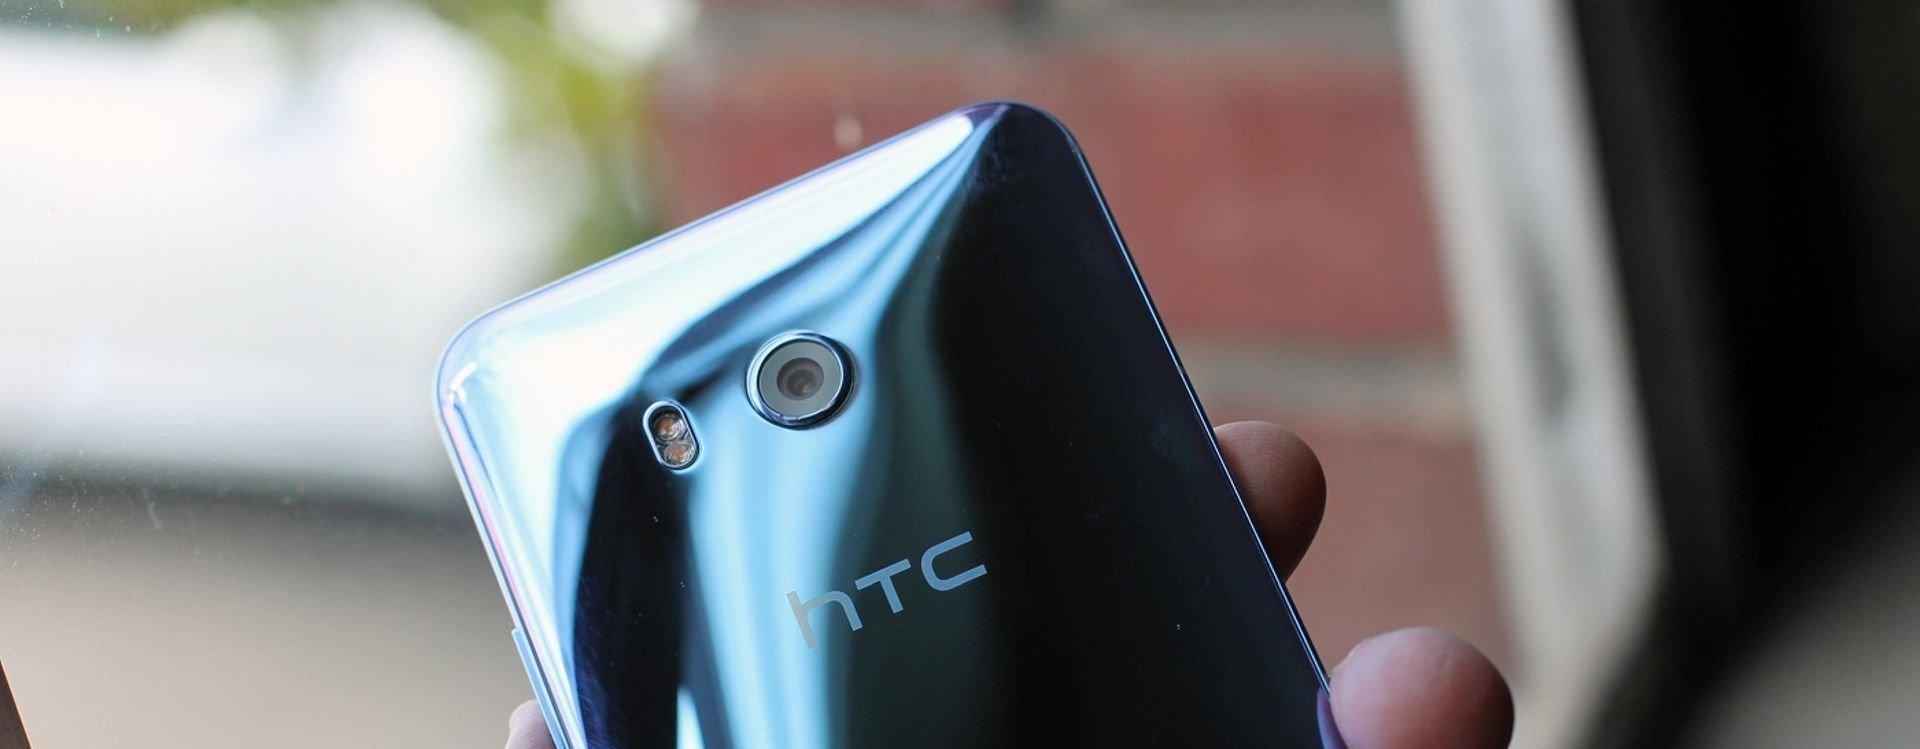 احتفظت شركة HTC بكاميرا خلفية مفردة في جهازها الجديد HTC U11.